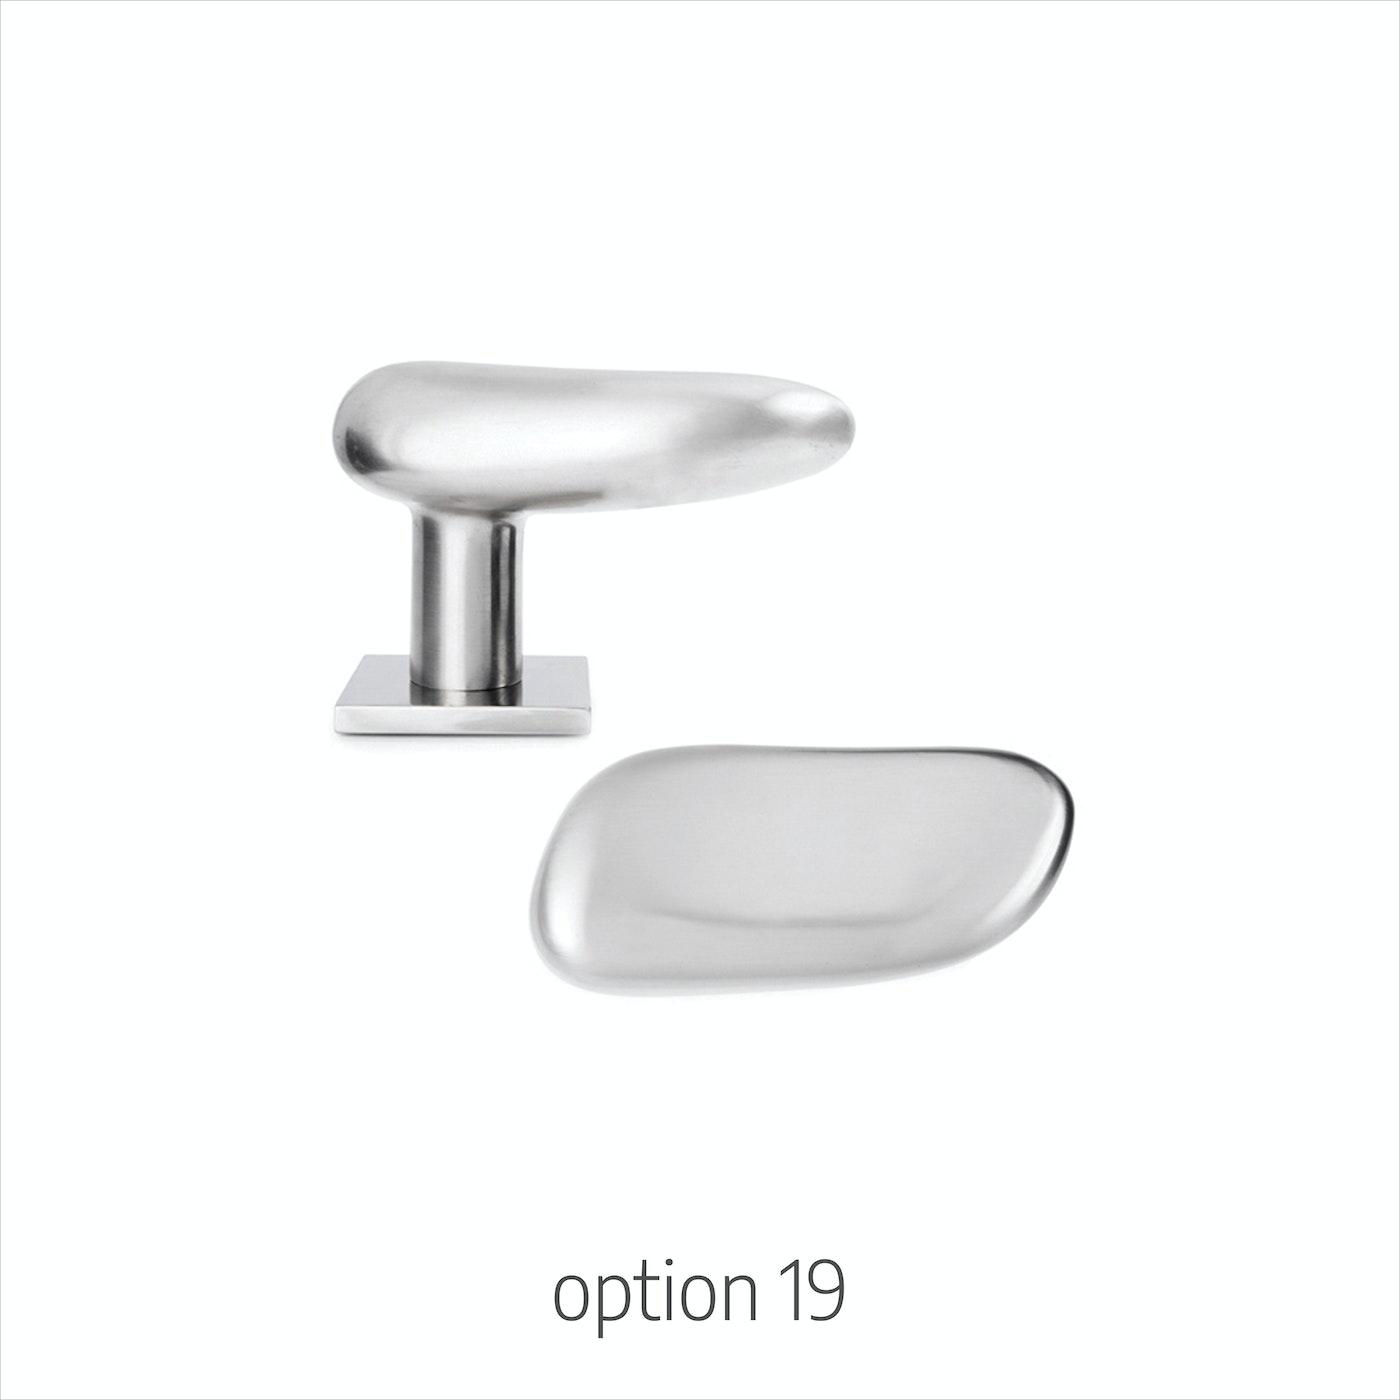 option 19